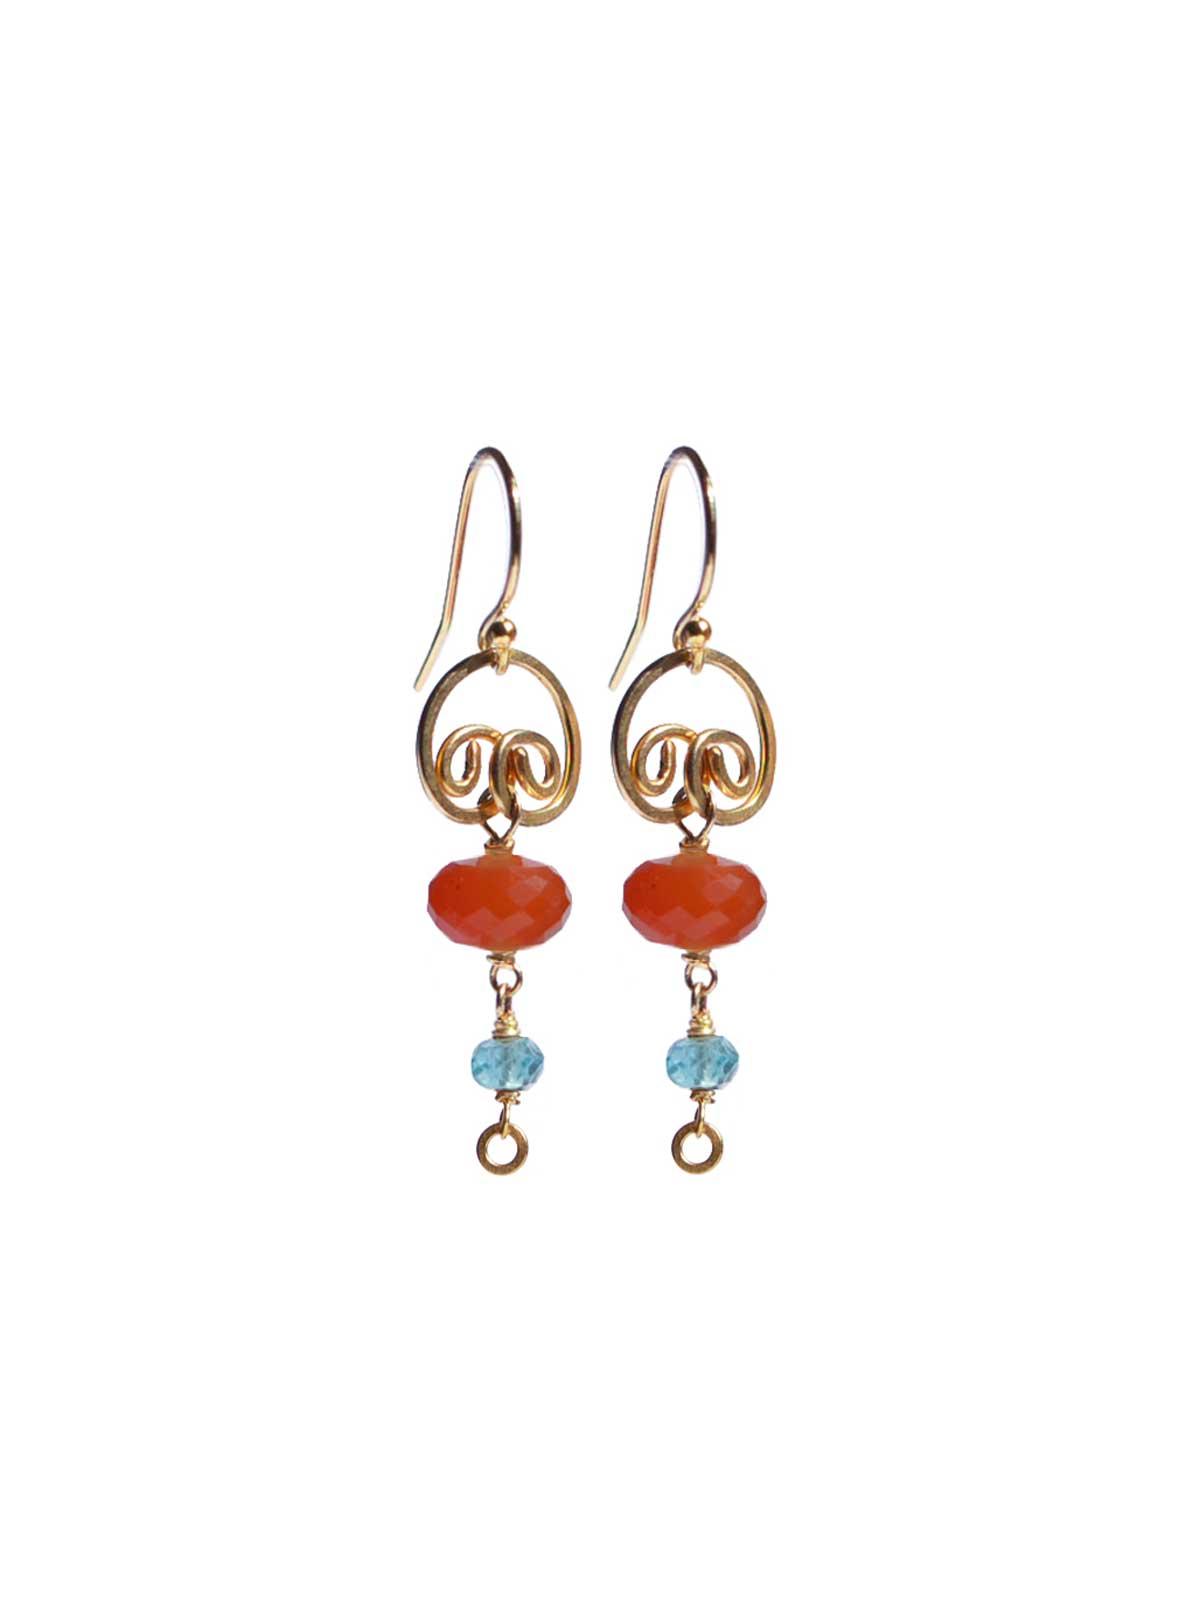 Carnelian Apatite earrings 14K Gold-filled